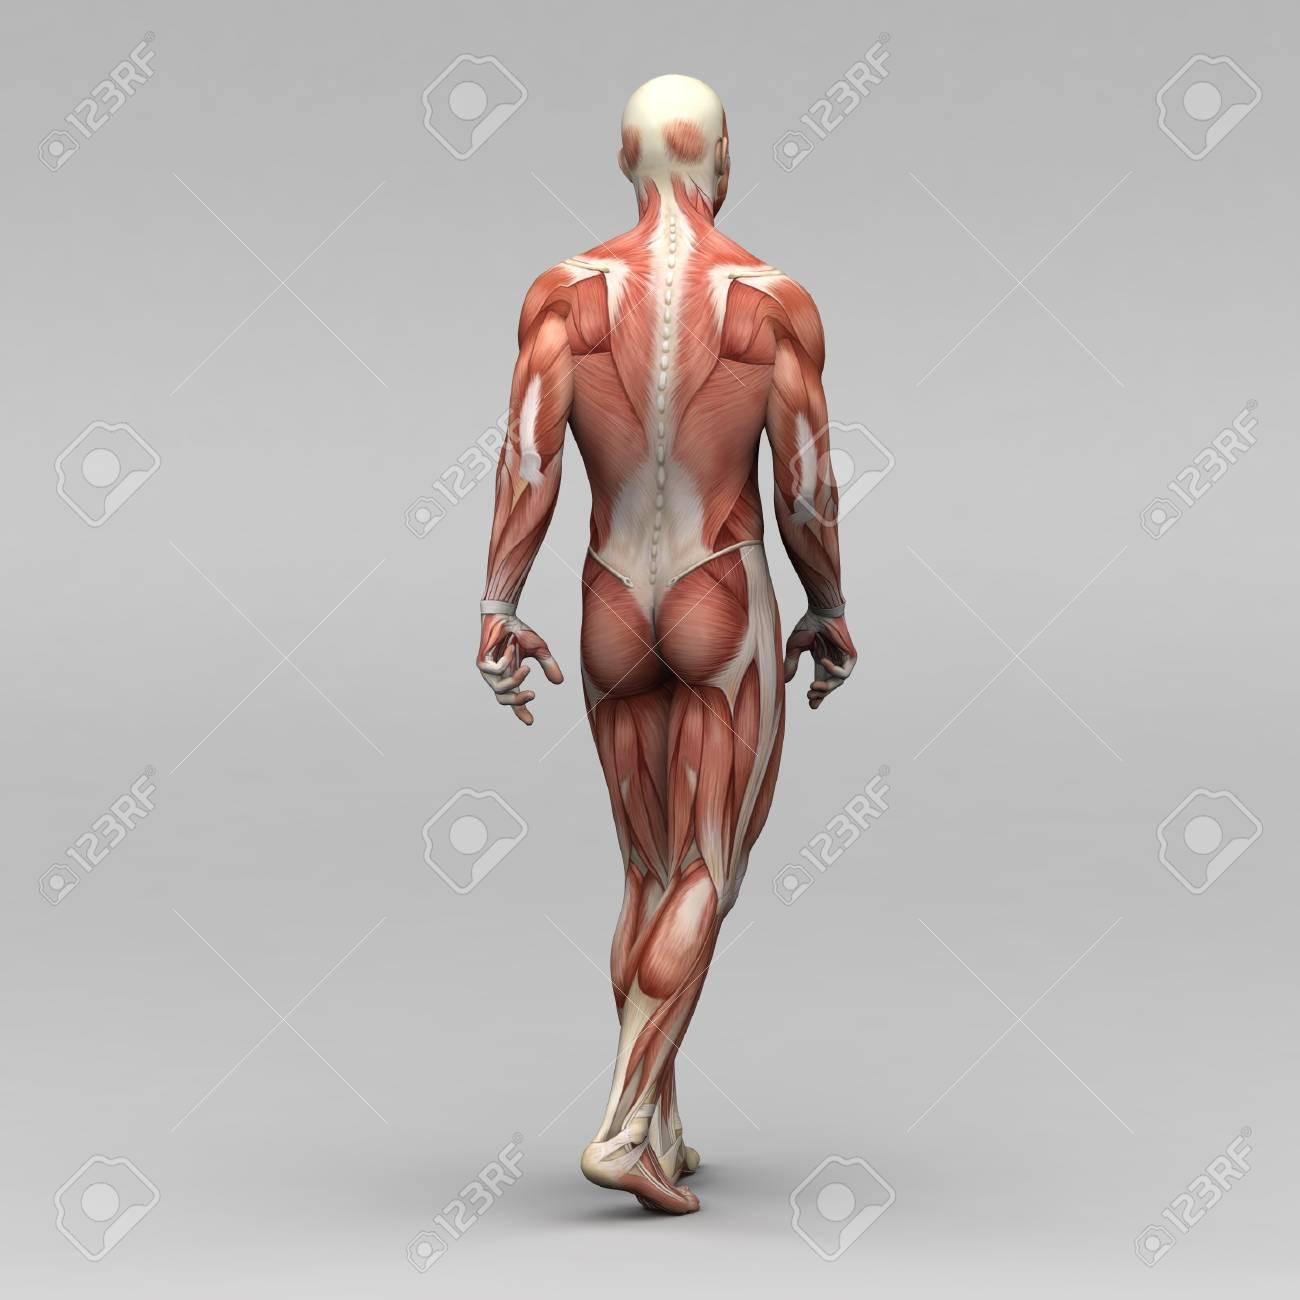 Ungewöhnlich Anatomie Muskeln Zurück Ideen - Anatomie Ideen ...